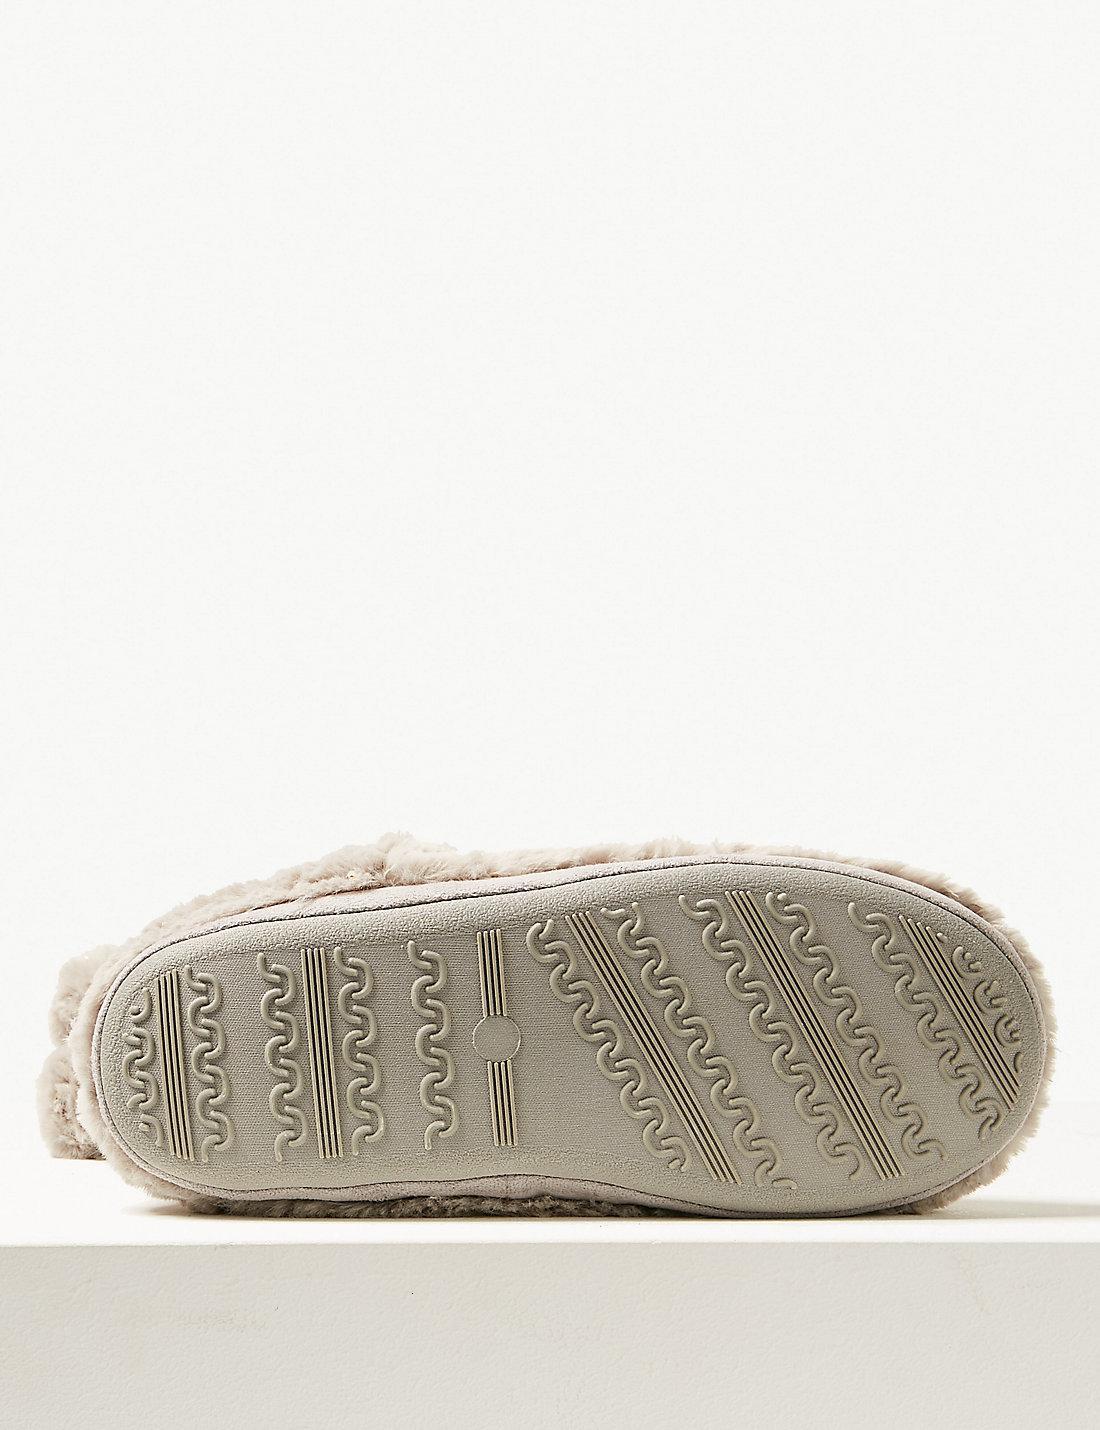 8cd0e8b74bd1 Lyst - Marks & Spencer Glitter Spotted Slipper Boots